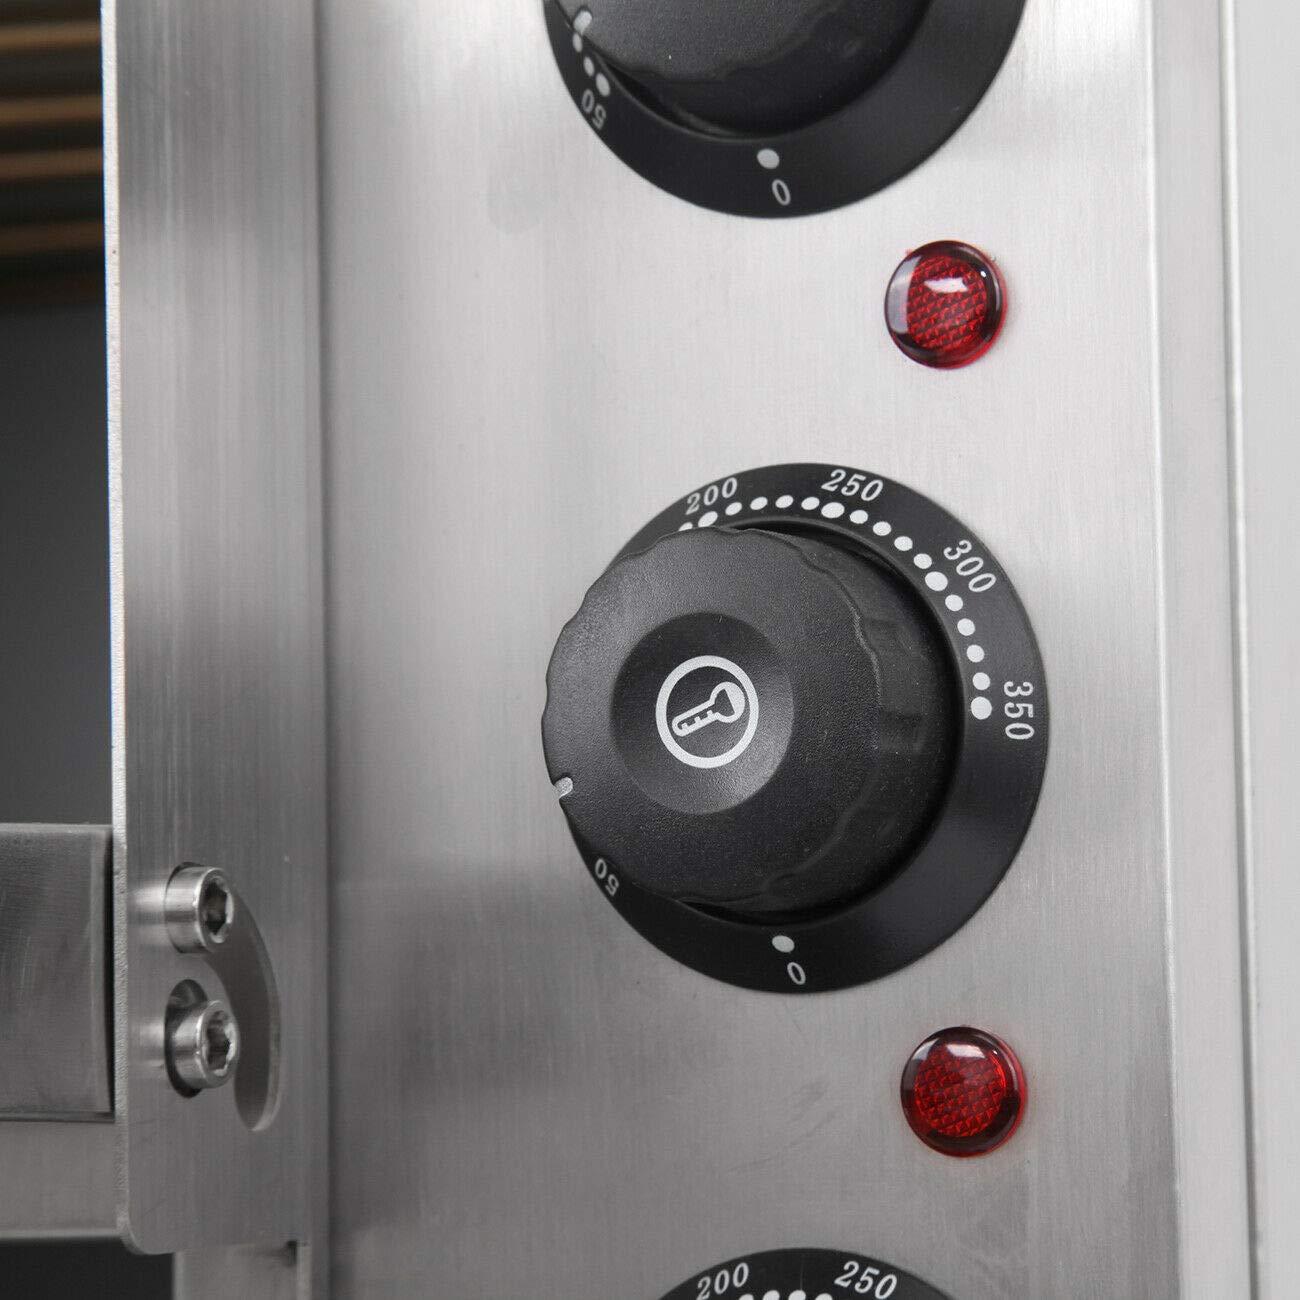 TryESeller Elektrisch Pizza Ofen 3000W Rostfreier Stahl Zwilling Deck Schamottestein Mehrzweck Ofen bis zu 350 /° C zum Restaurant Zuhause Pizza Brezeln Gebacken Geschirr